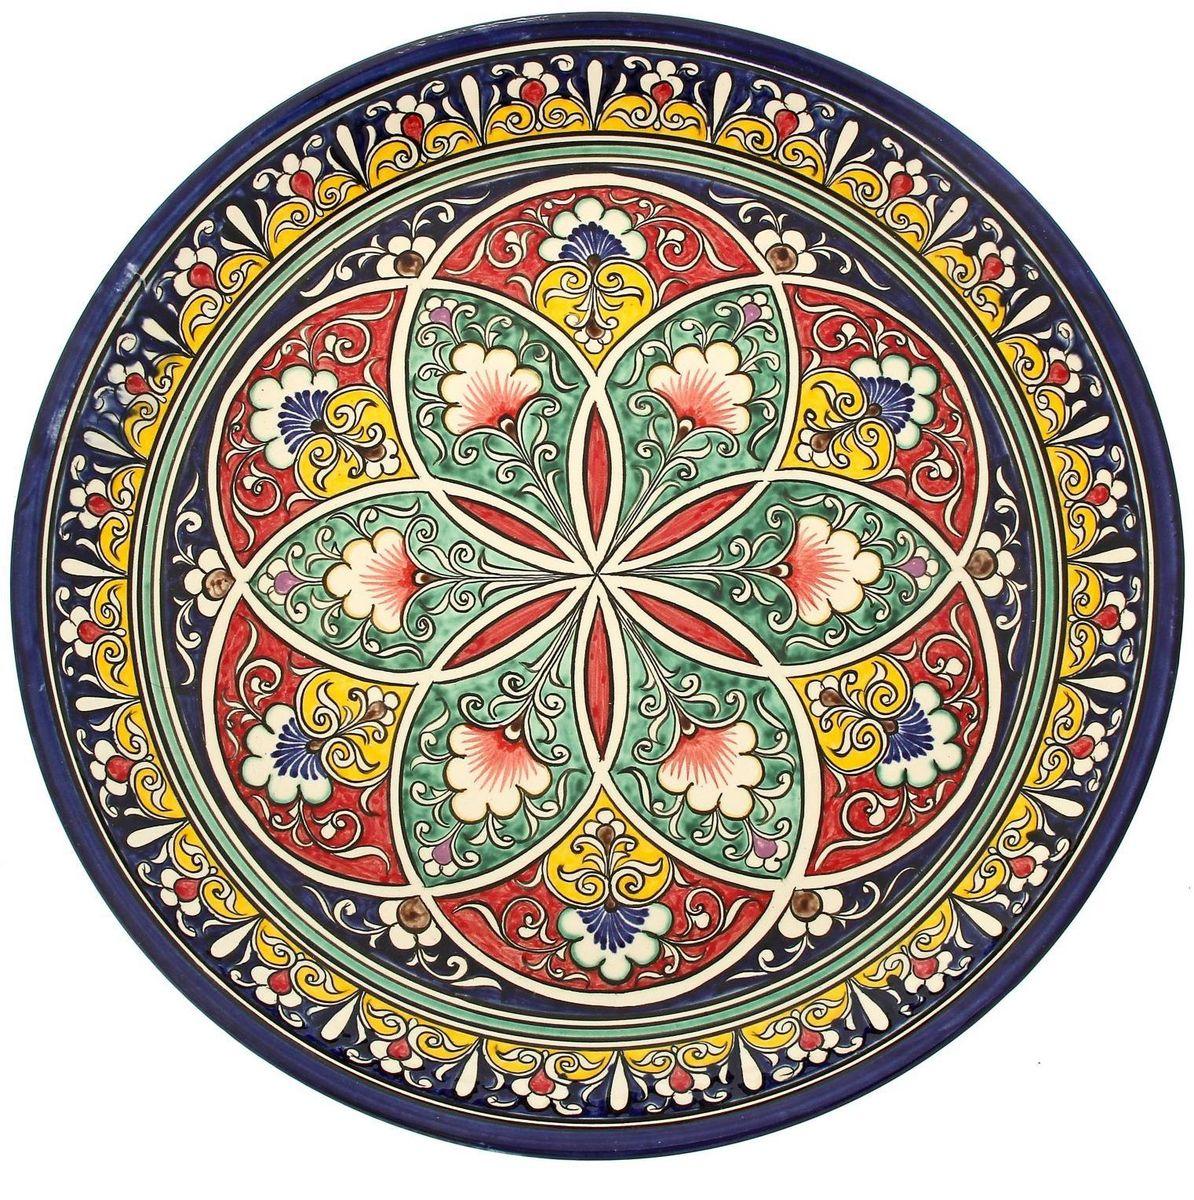 Ляган Риштанская керамика, диаметр 36 см. 19242351924235Ляган — это не просто обеденный атрибут, это украшение стола. Посуда с национальной росписью станет отменным подарком для ценителей высокородной посуды.Риштан — город на востоке Узбекистана, один из древнейших в Ферганской долине. С давних времён Риштан славится своим гончарным искусством изготовления цветной керамики. Красноватую глину для изделия добывают в самом городе. Мастера утверждают, что их глина настолько высокого качества, что даже не нуждается в предварительной обработке. Дополните коллекцию кухонных аксессуаров пряными восточными нотами.